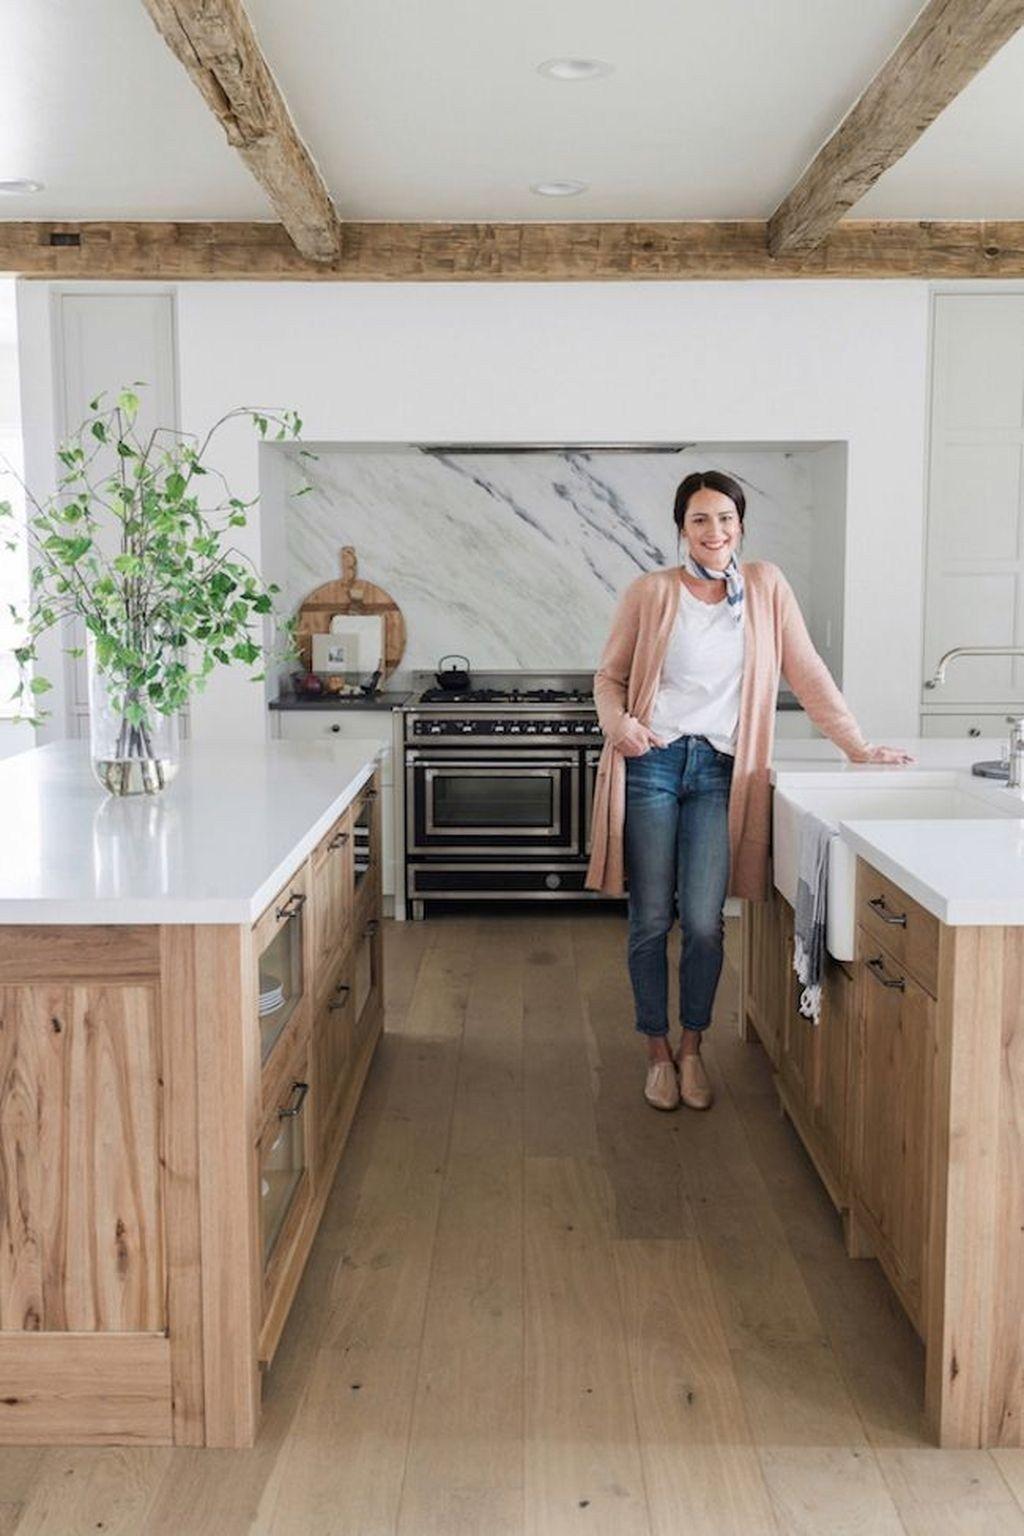 48 Lovely Farmhouse Kitchen Ideas To Make Cooking More Fun